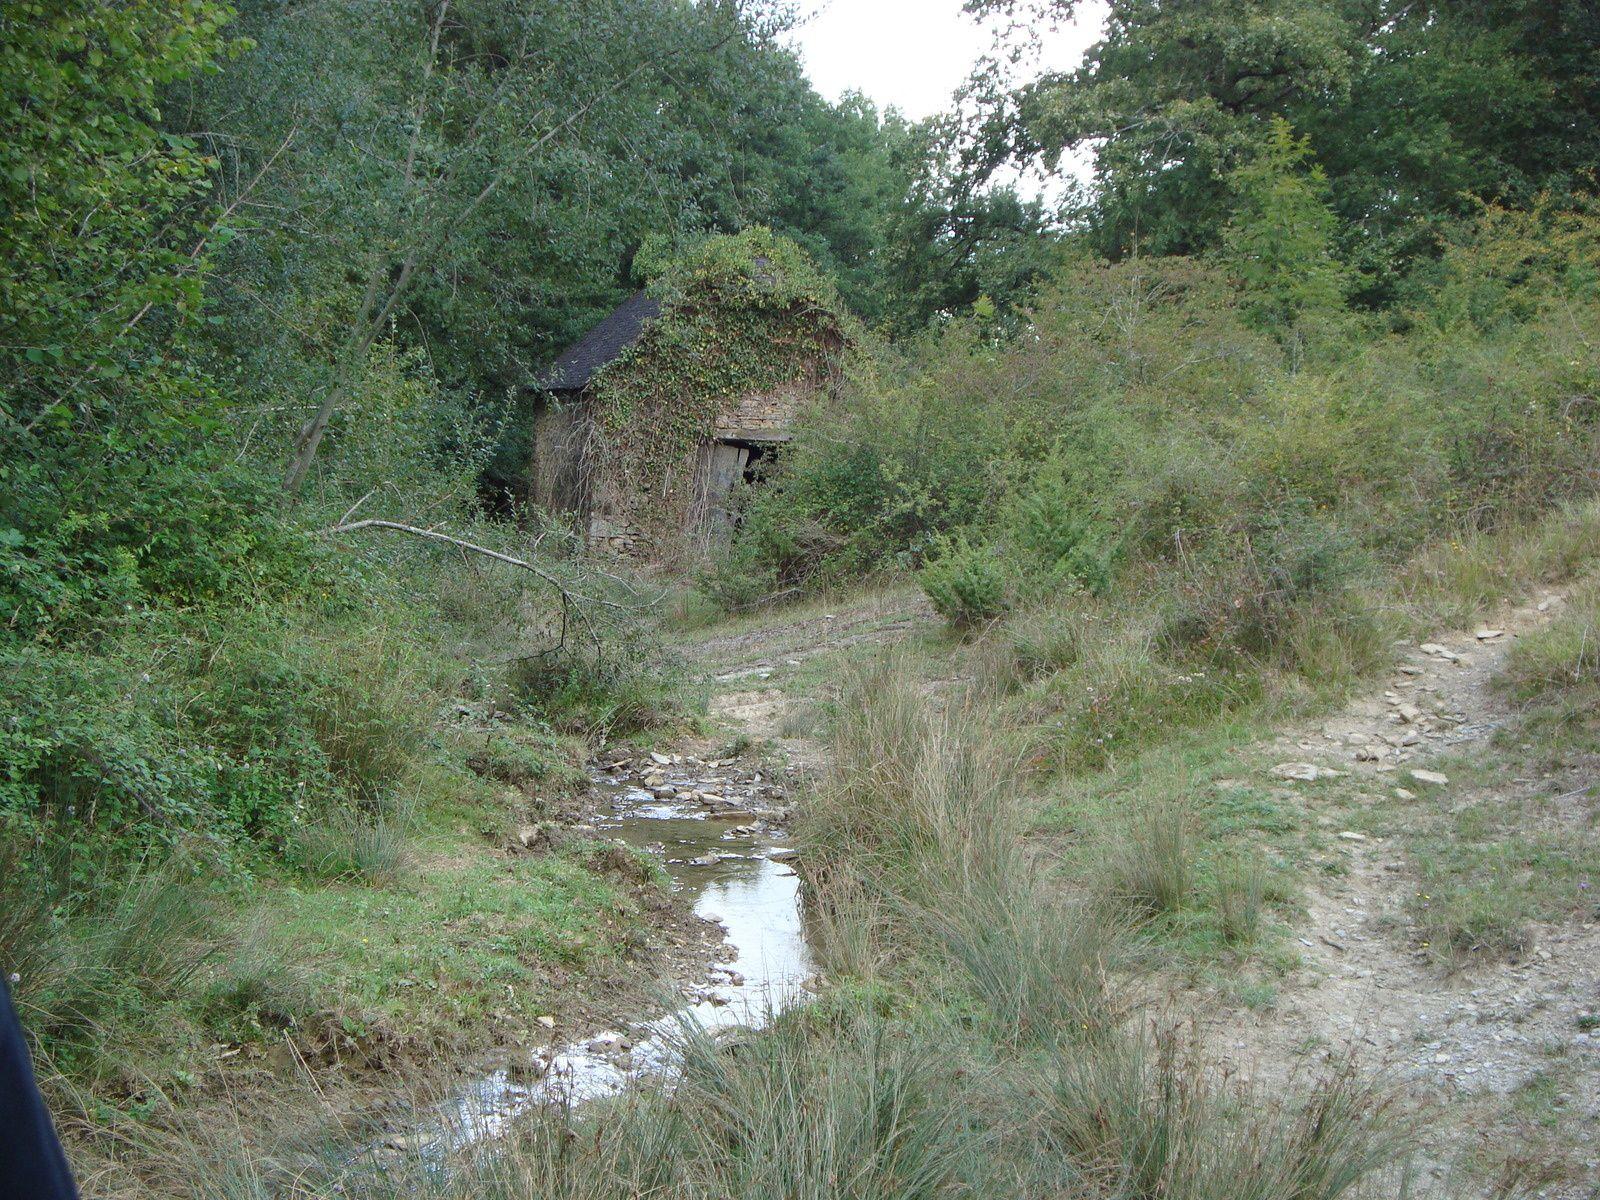 Le sentier passe à côté de certains vestiges de l'activité pastorale